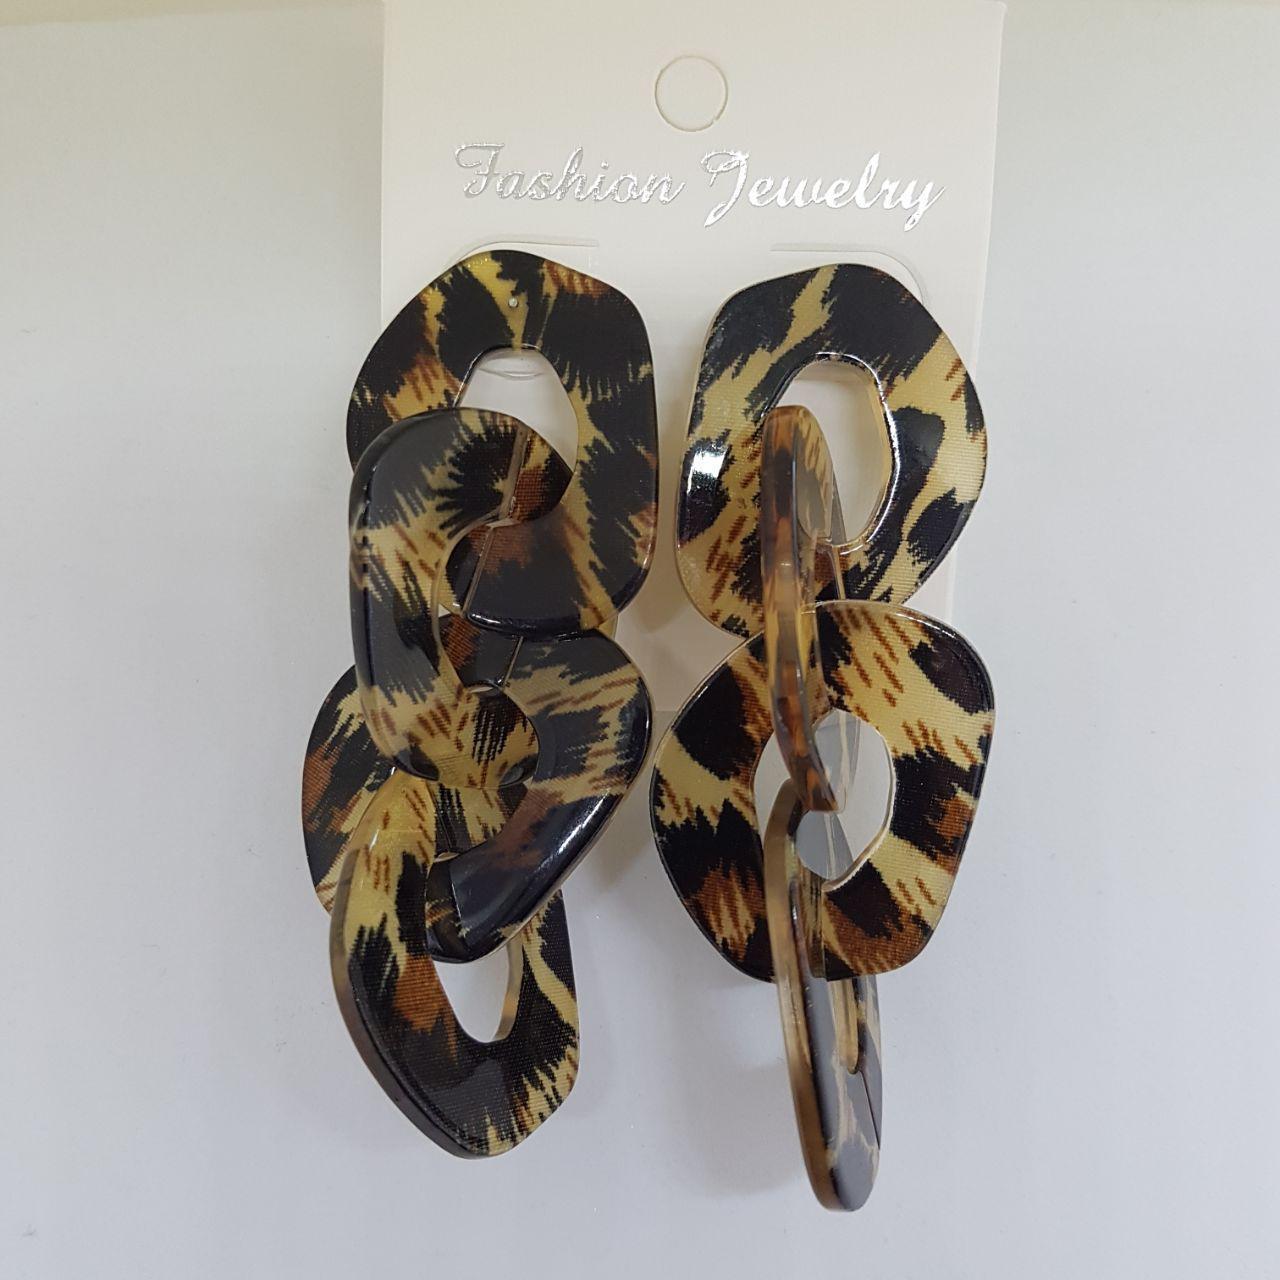 Серьги женские из 4 сегментов Safari Fashion Jewelry тигр (арт. ear-saf-tiger)